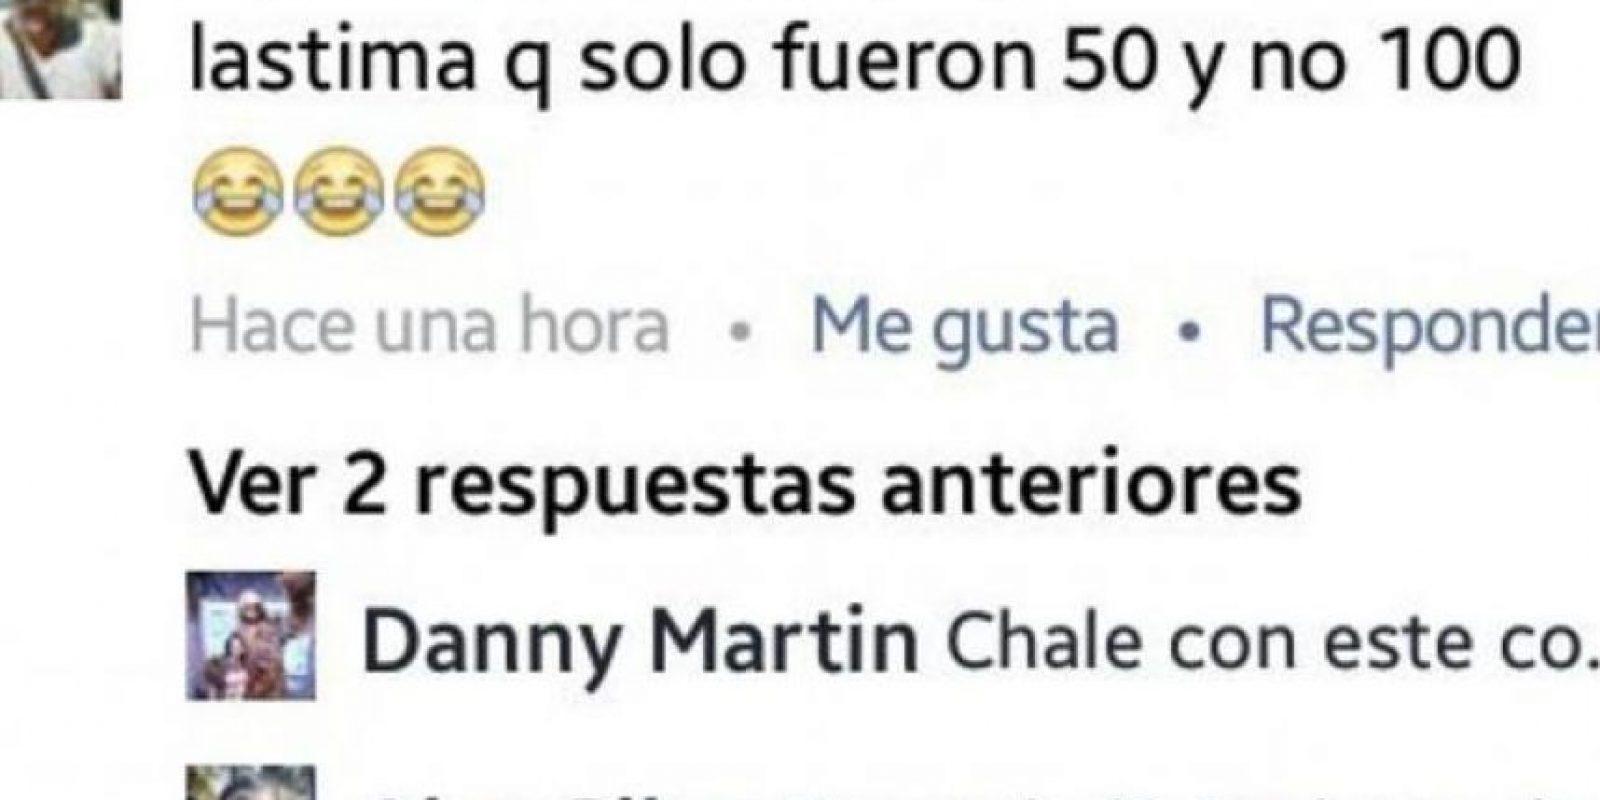 El comentario que le costó el empleo a un funcionario en México Foto:Facebook